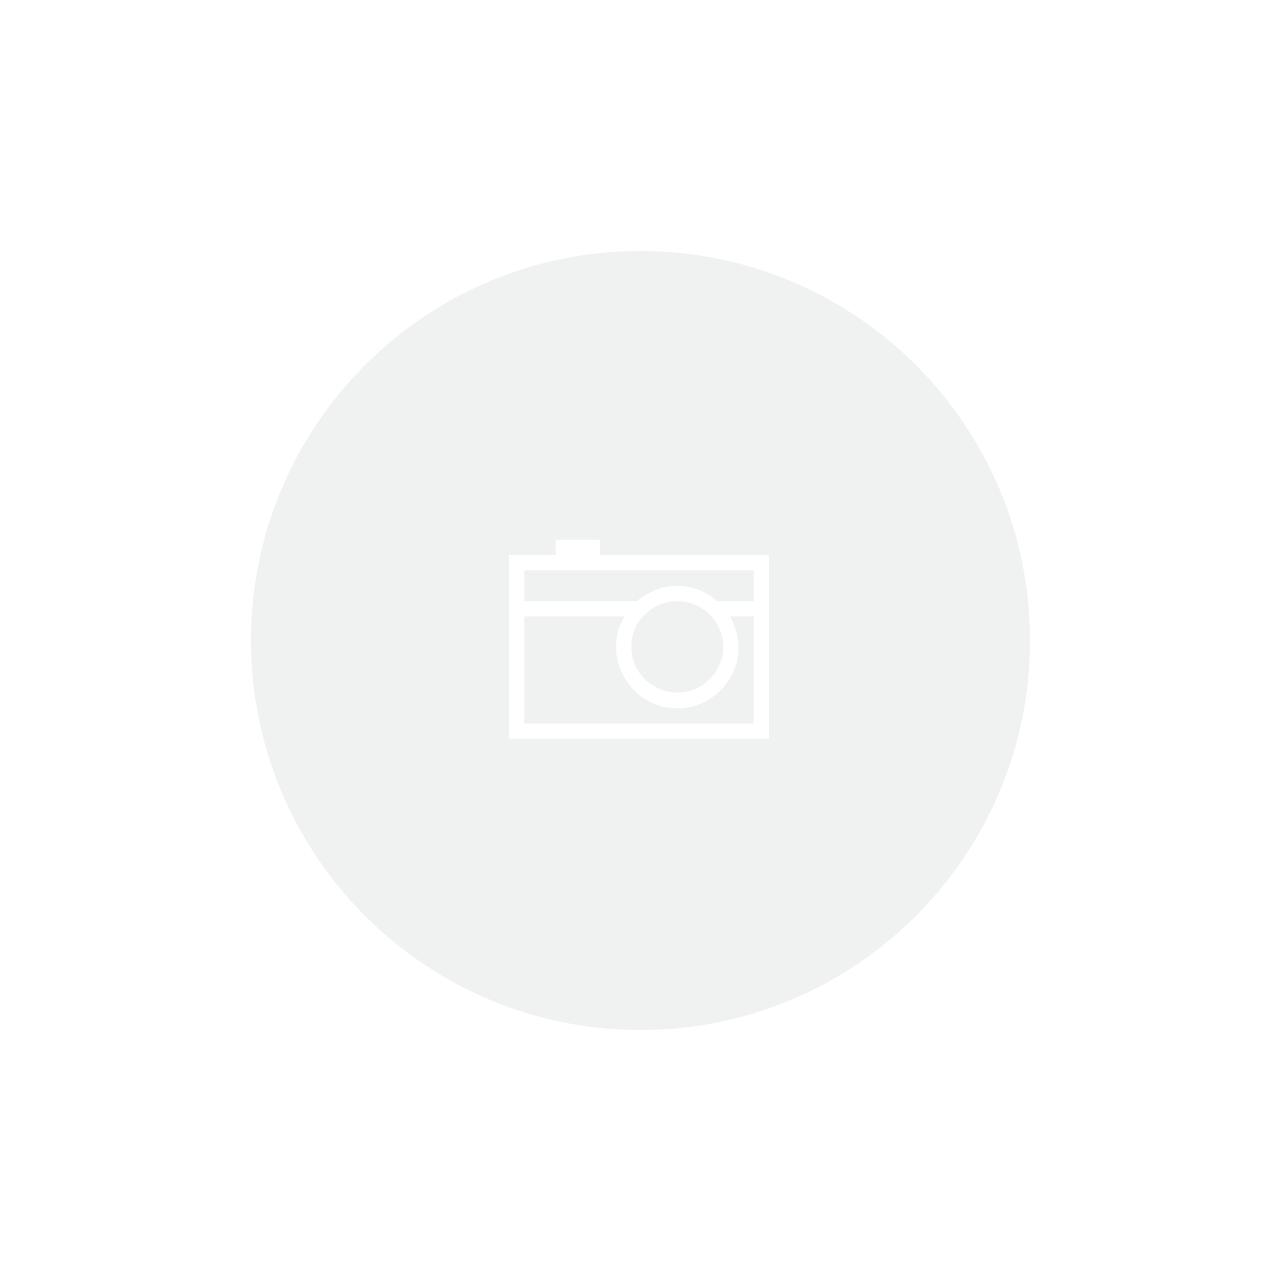 Ragata Tricô Basic | Bv992